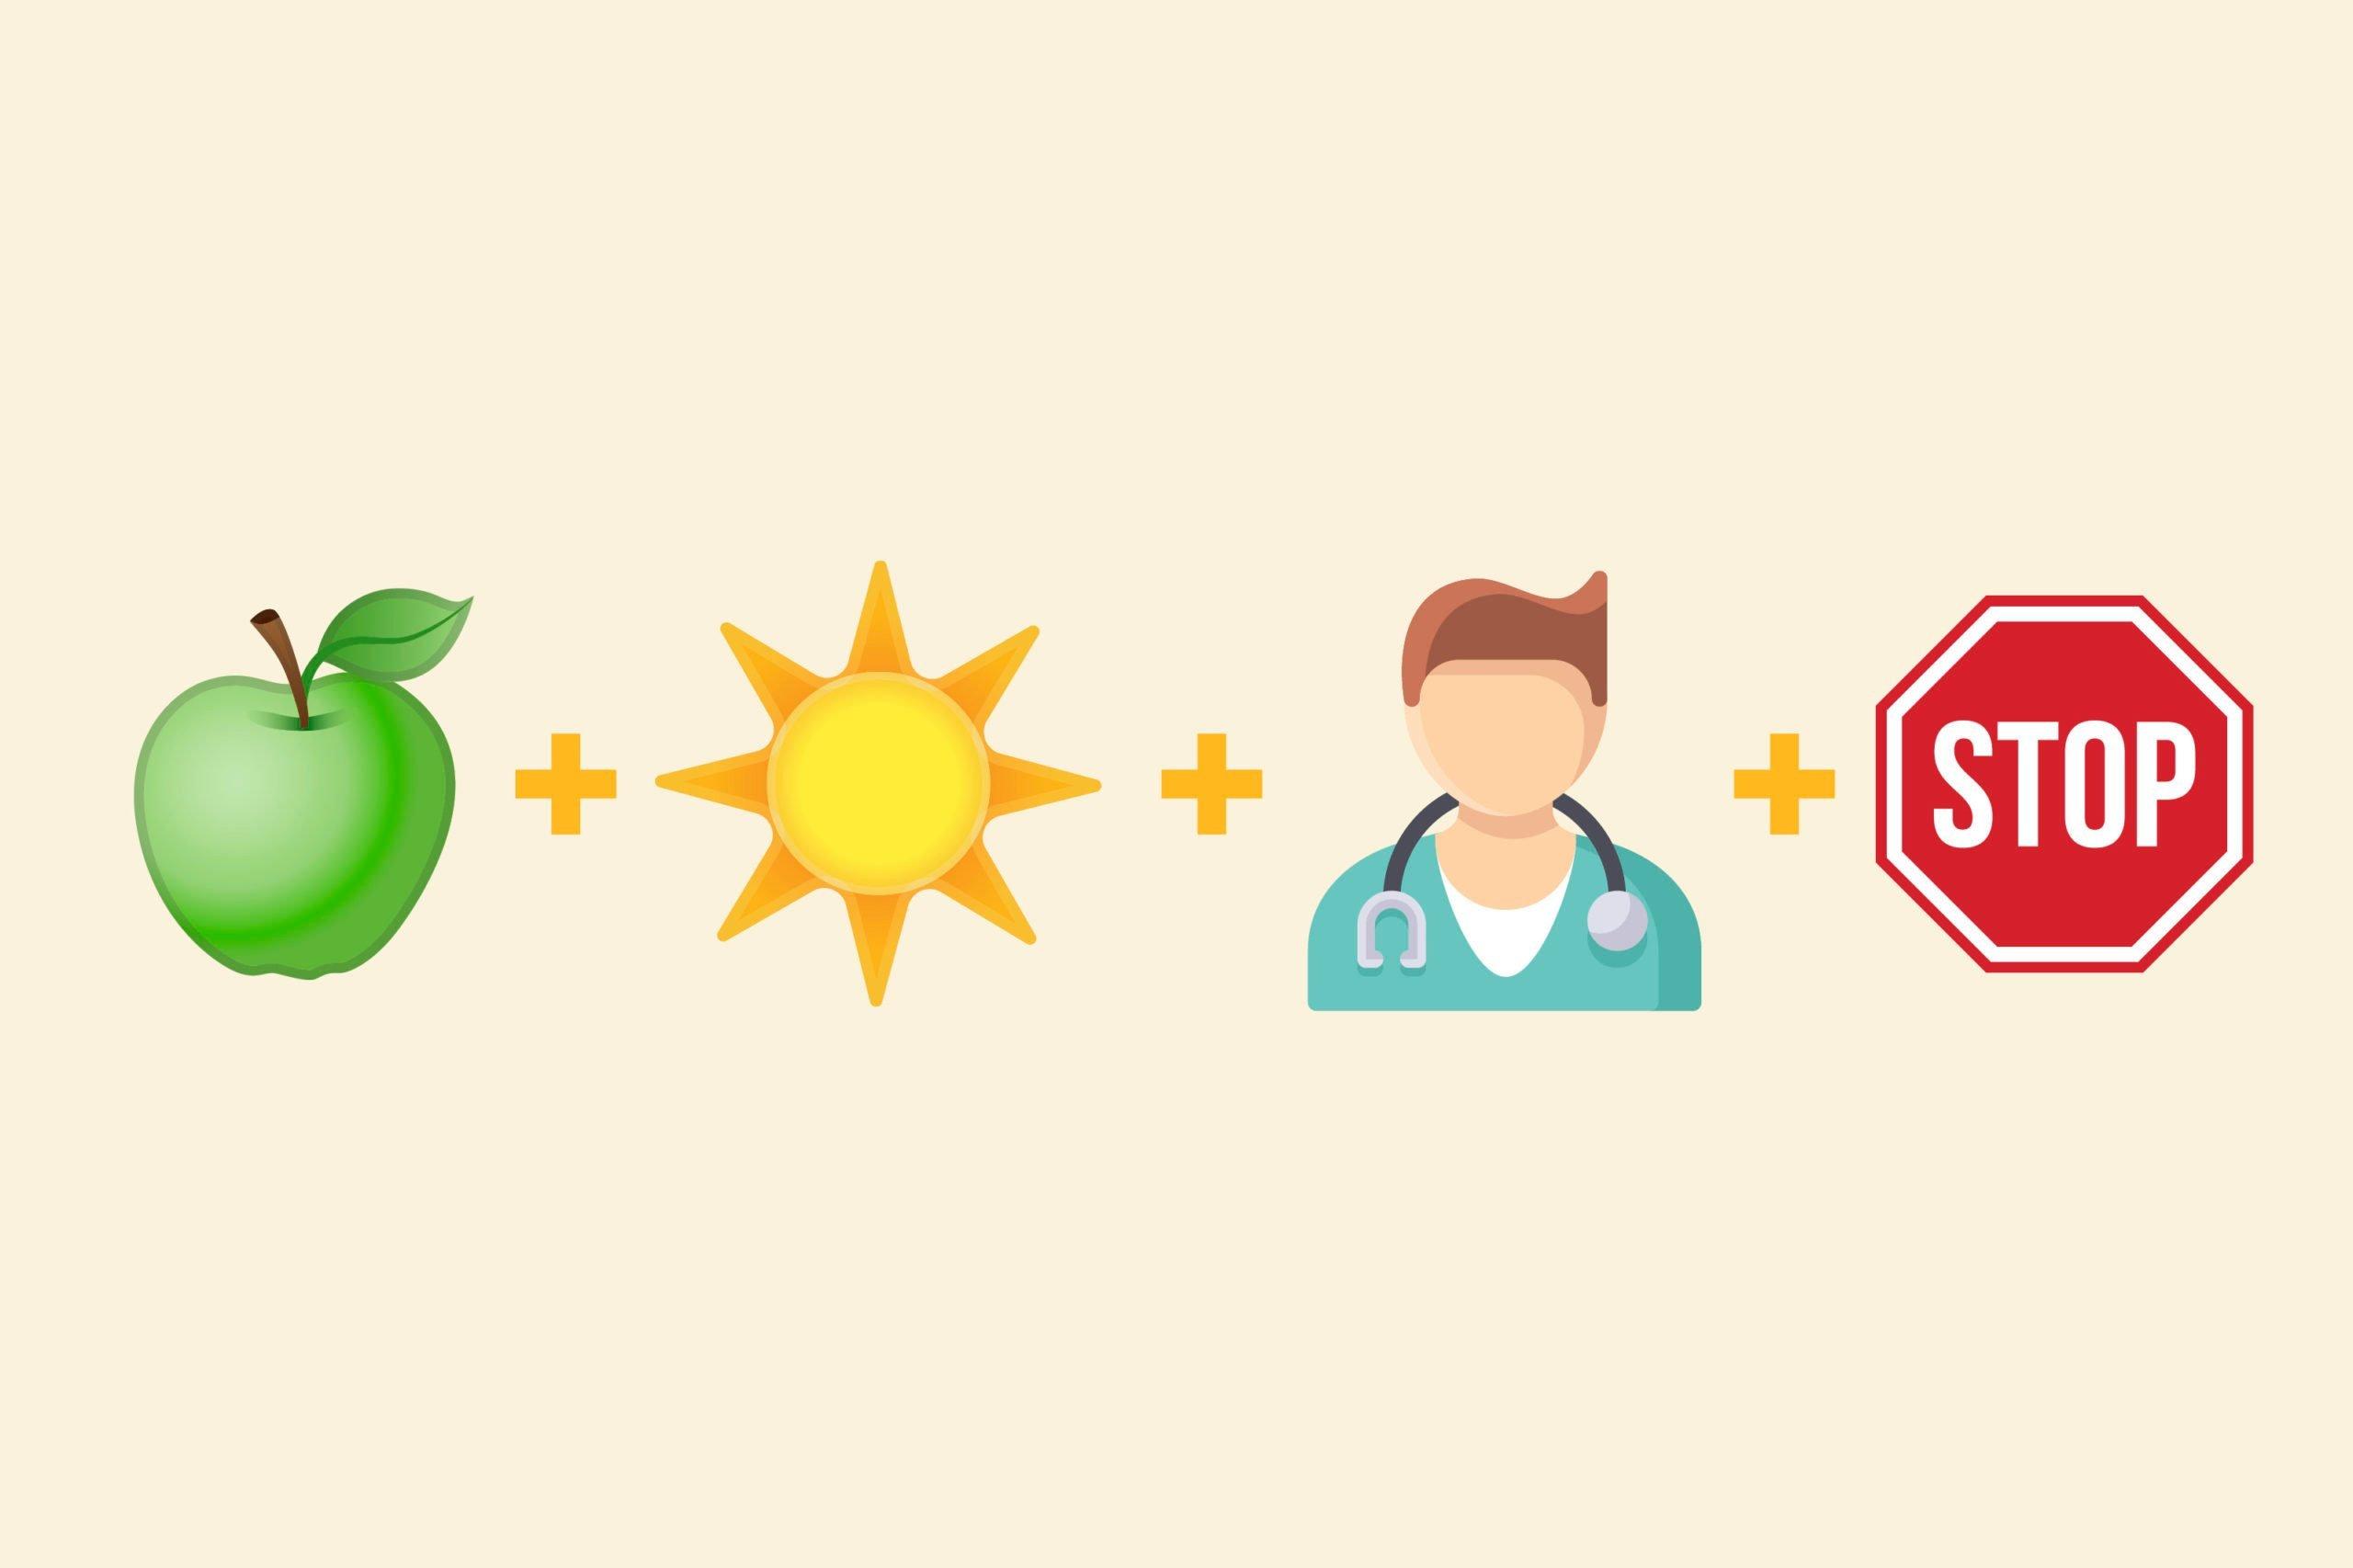 Apple emoji + daytime emoji + doctor emoji + stop emoji